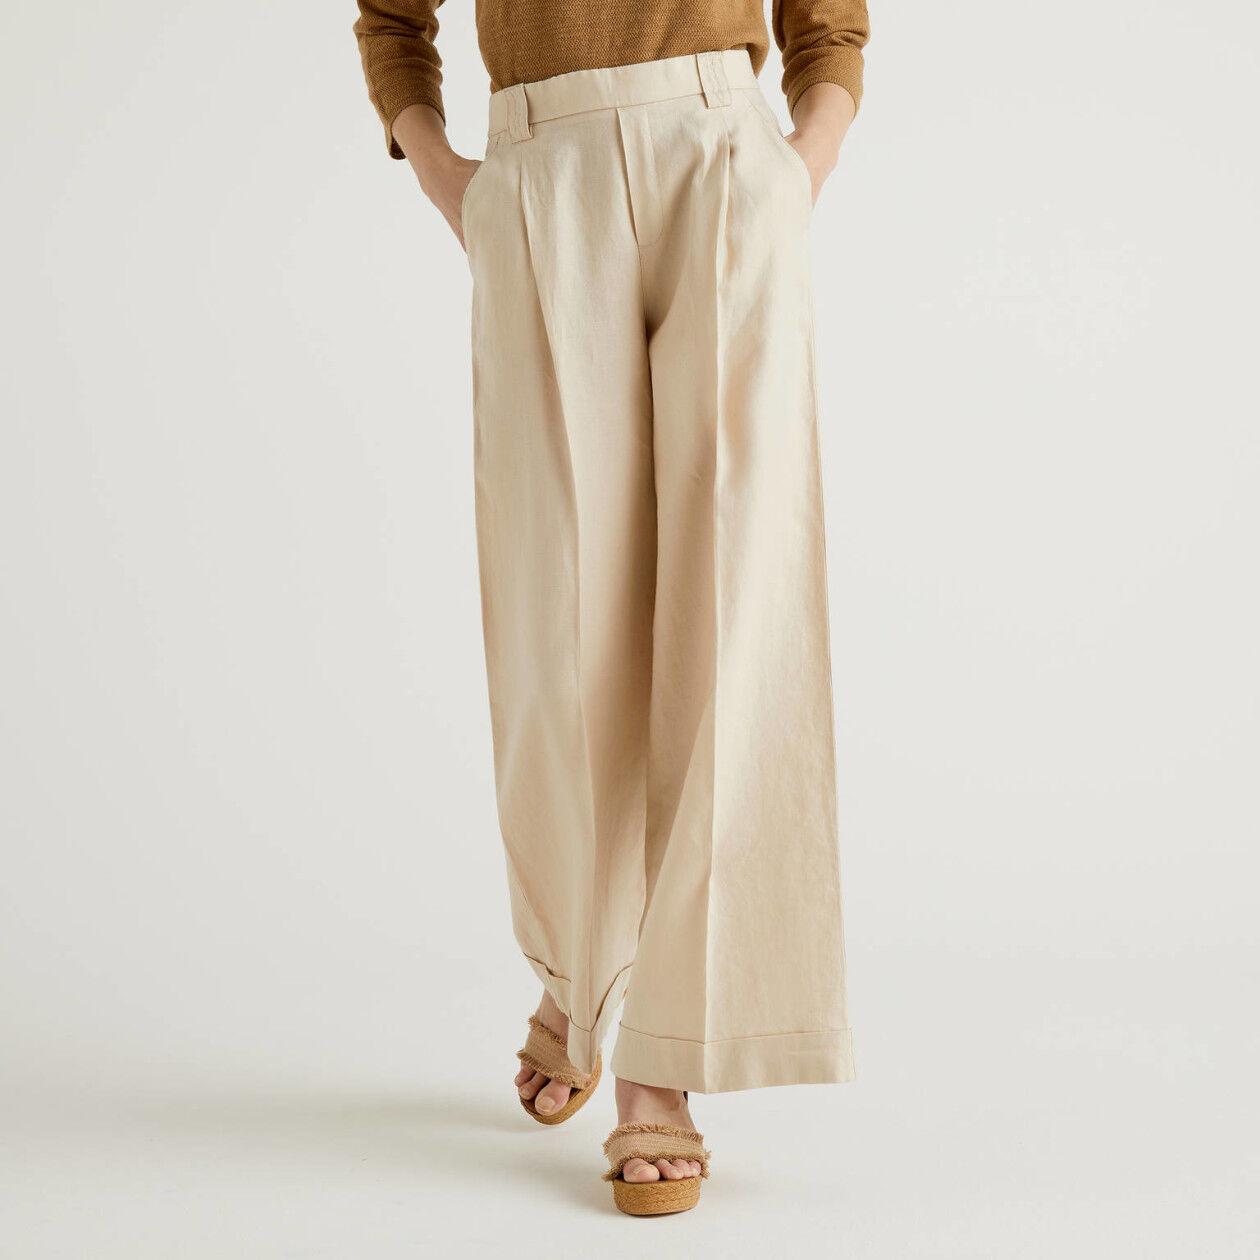 Παντελόνι με φαρδιά γάμπα από 100% λινό